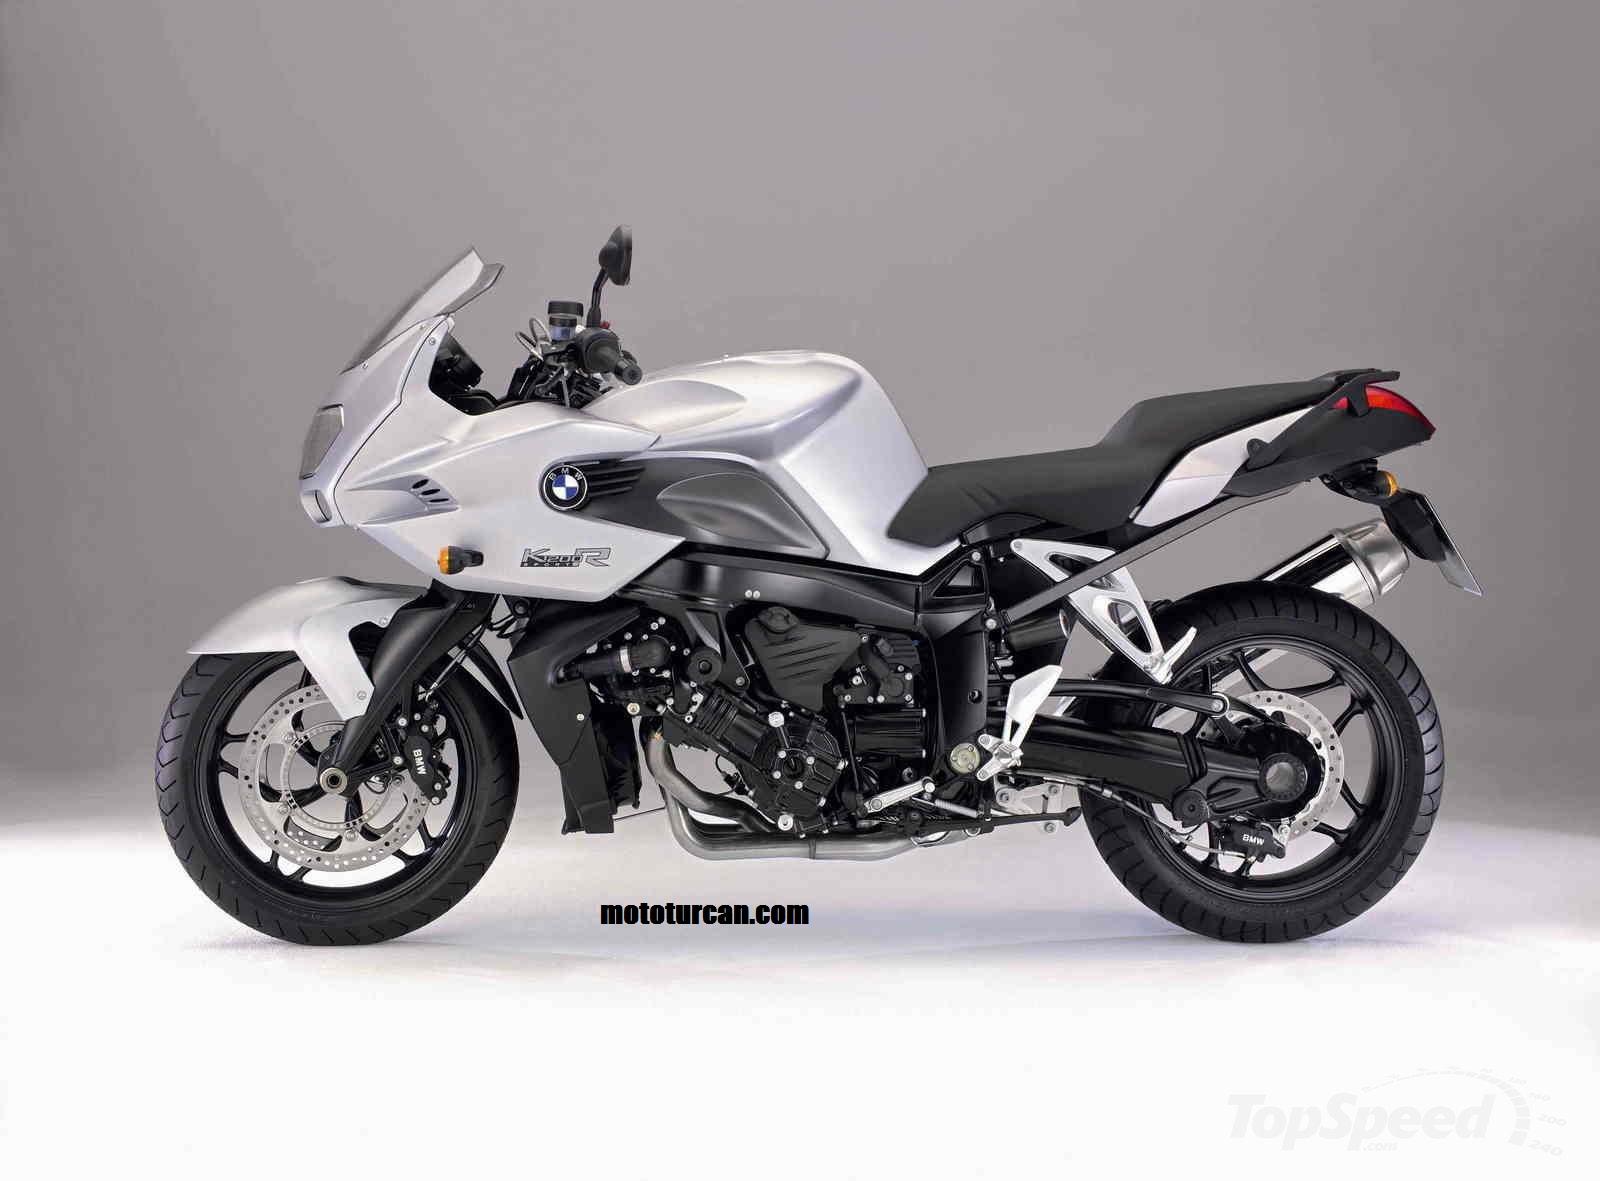 moto world bmw k1200r. Black Bedroom Furniture Sets. Home Design Ideas